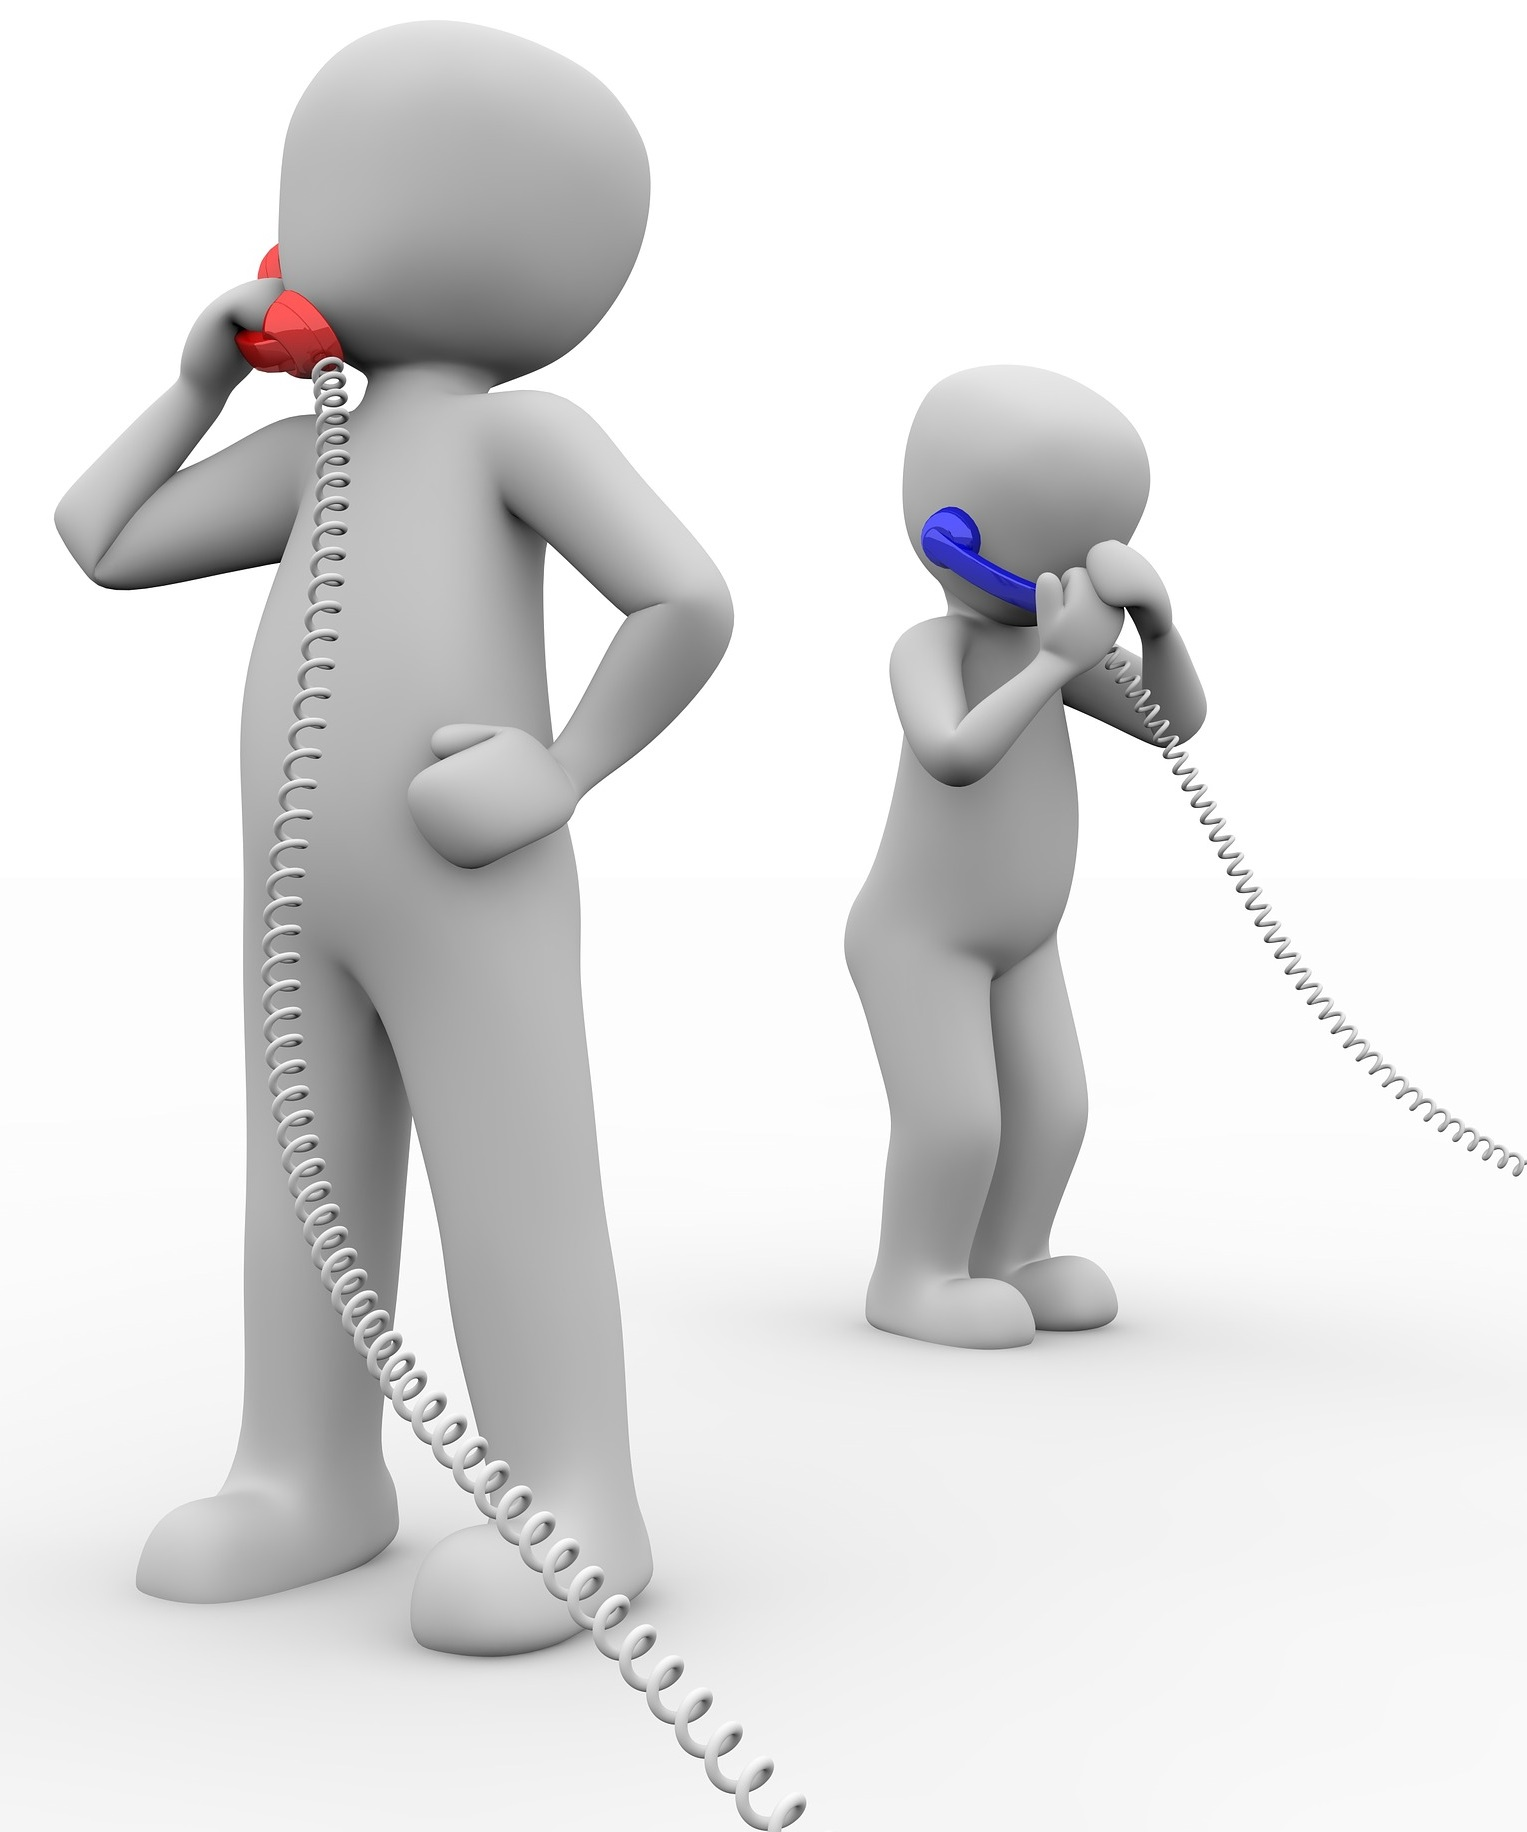 Verkauf direkt am Telefon Königsdisziplin Kaltakquise Aquririeren Stimme telefonieren Ulrike Knauer Verkaufstraining Elevator Pitch W-Fragen Akquise verkaufen Telefonakquise Körpersprache